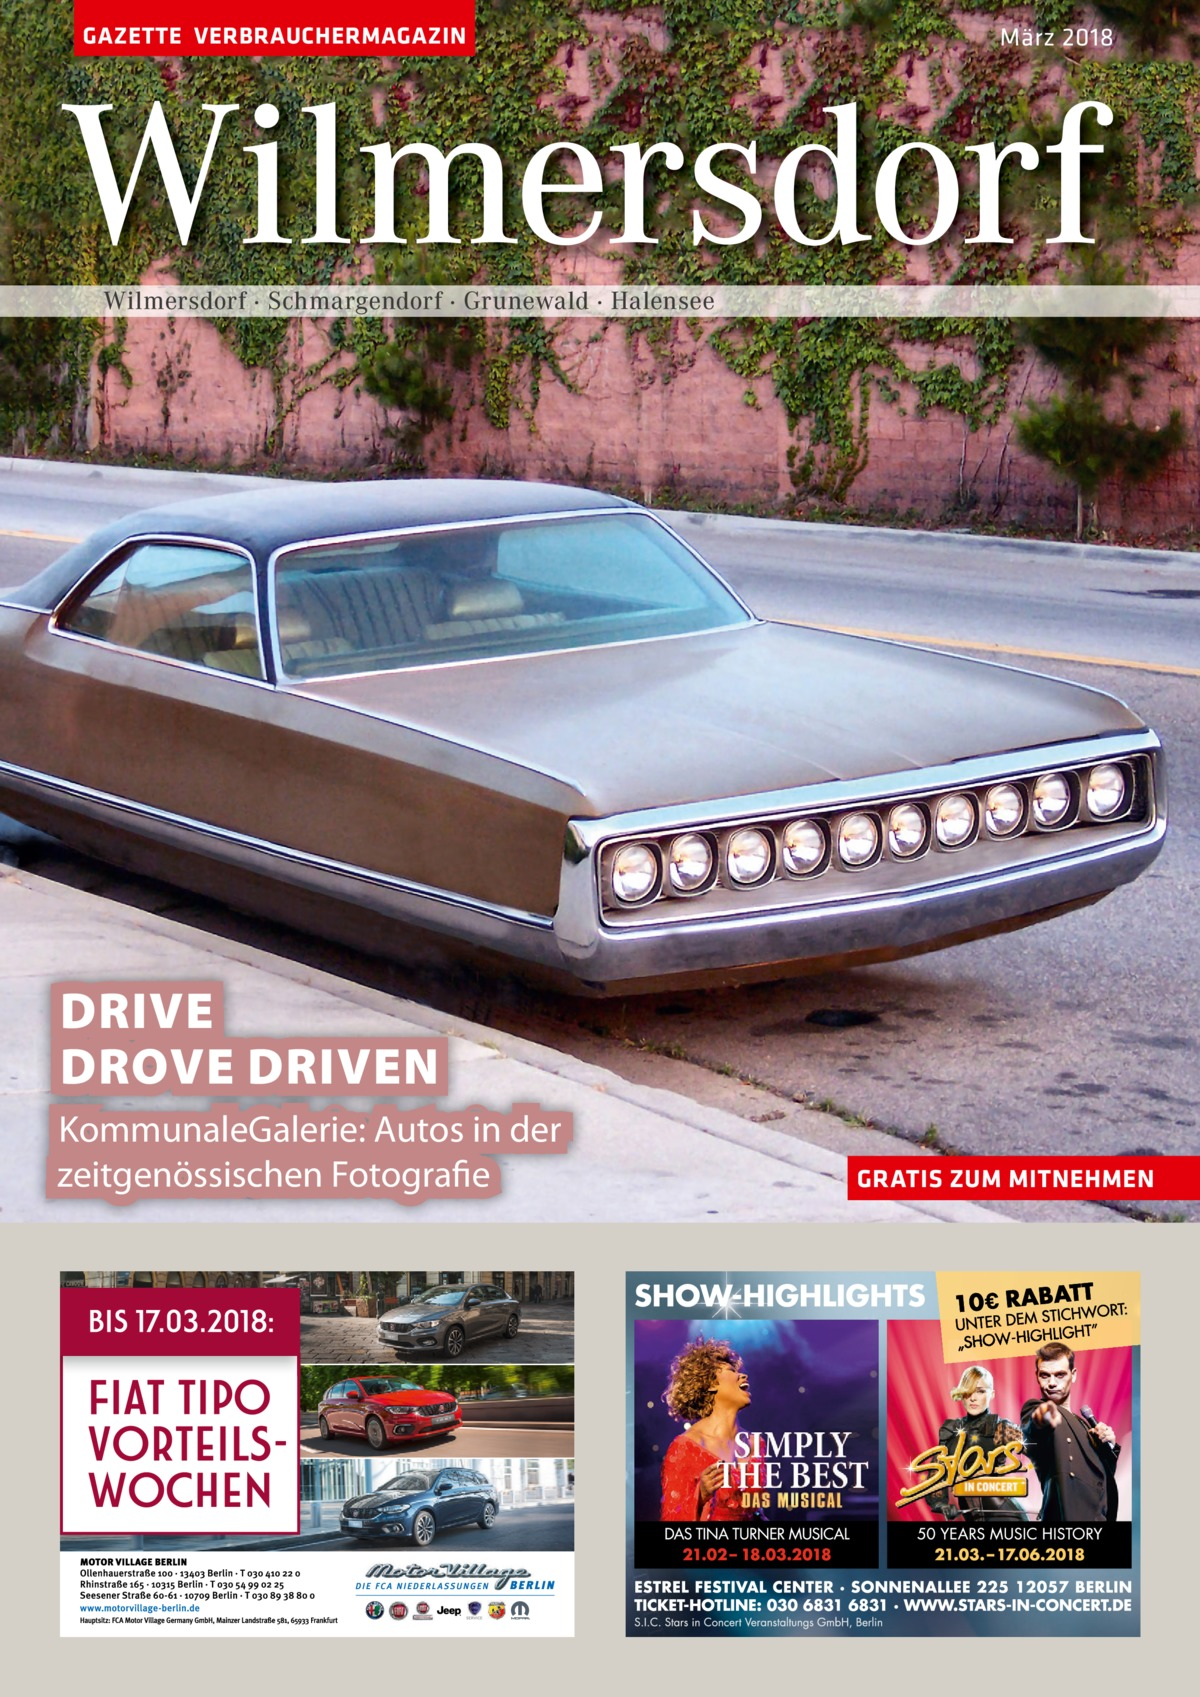 GAZETTE VERBRAUCHERMAGAZIN  März 2018  Wilmersdorf Wilmersdorf · Schmargendorf · Grunewald · Halensee  DRIVE DROVE DRIVEN KommunaleGalerie: Autos in der zeitgenössischen Fotografie  GRATIS ZUM MITNEHMEN